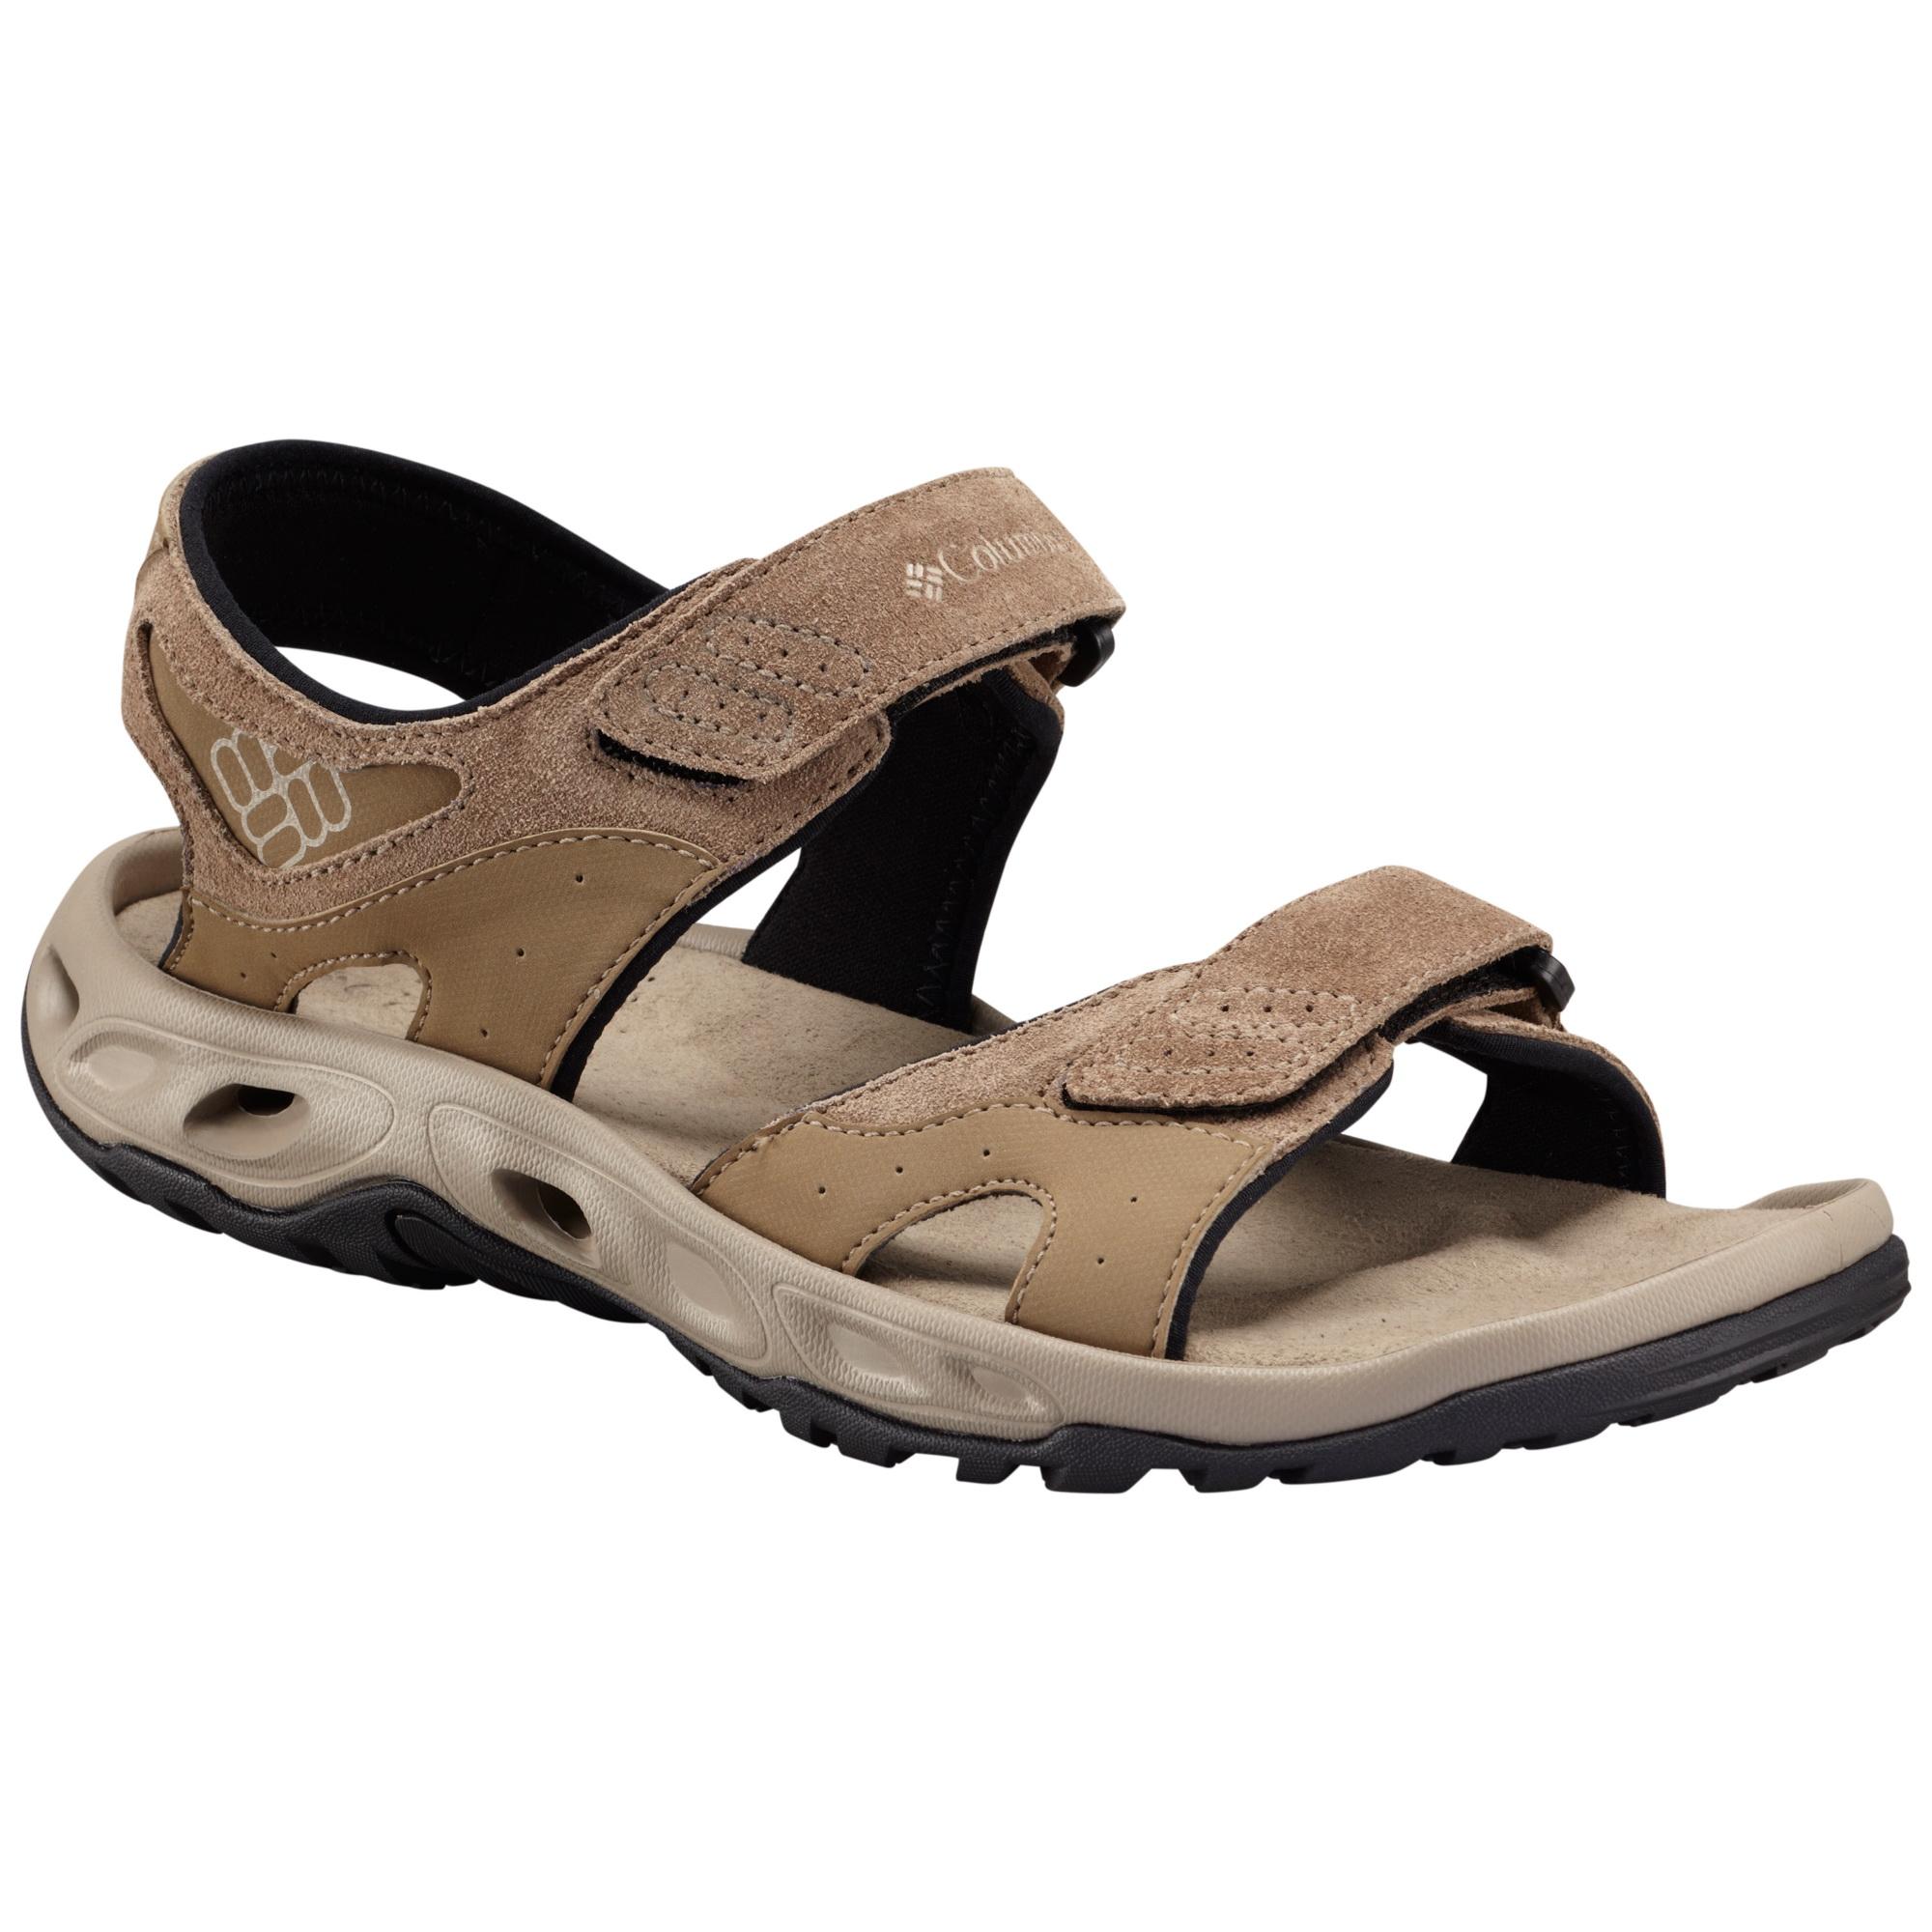 Columbia Mens VENTERO sandals 1584101-250